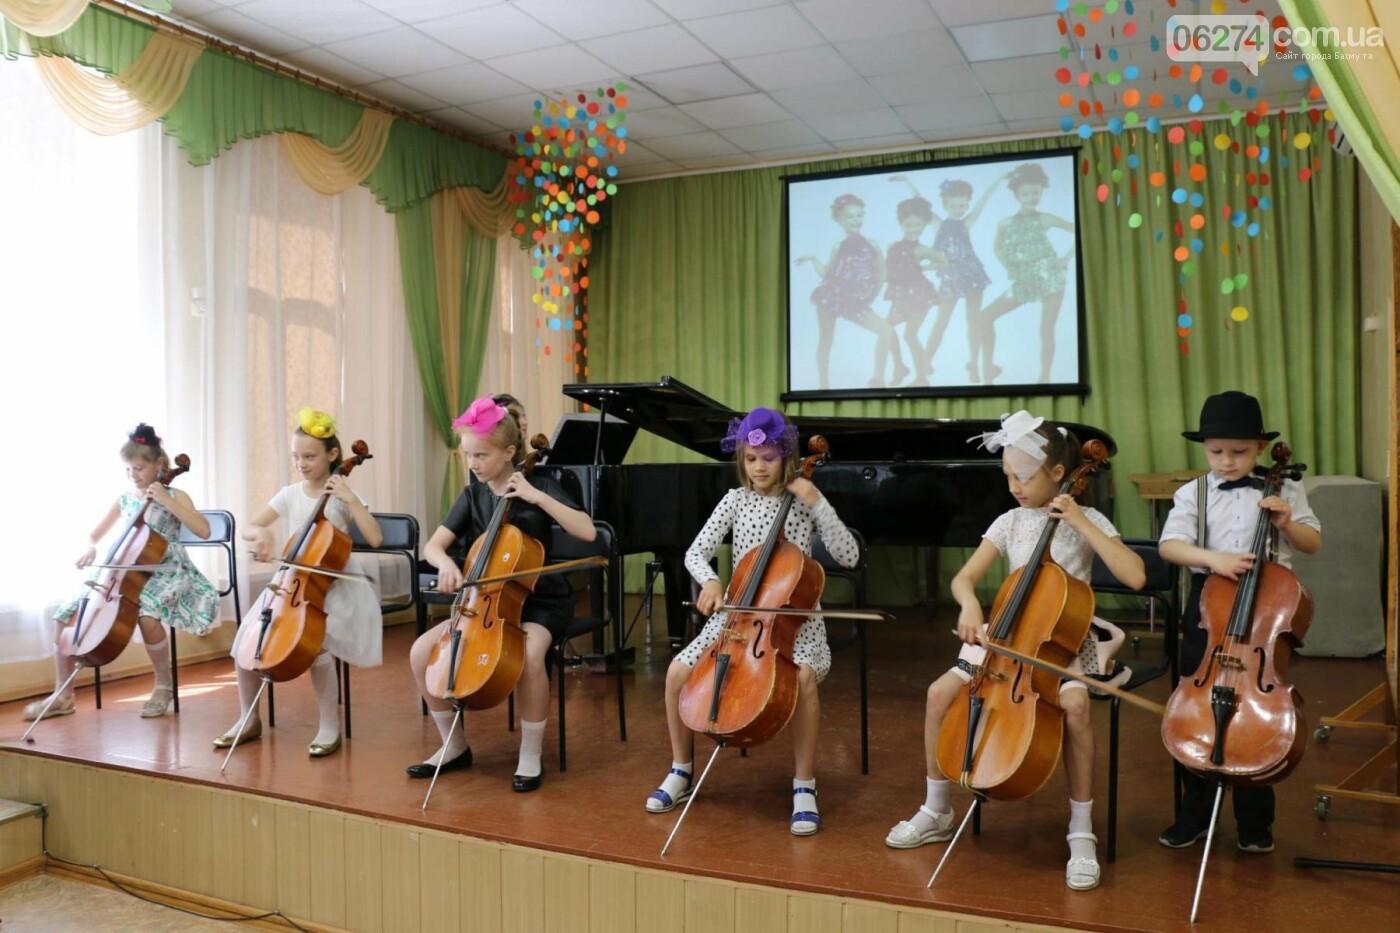 Одаренные дети Бахмута получили стипендии в награду за свое искусство, фото-13